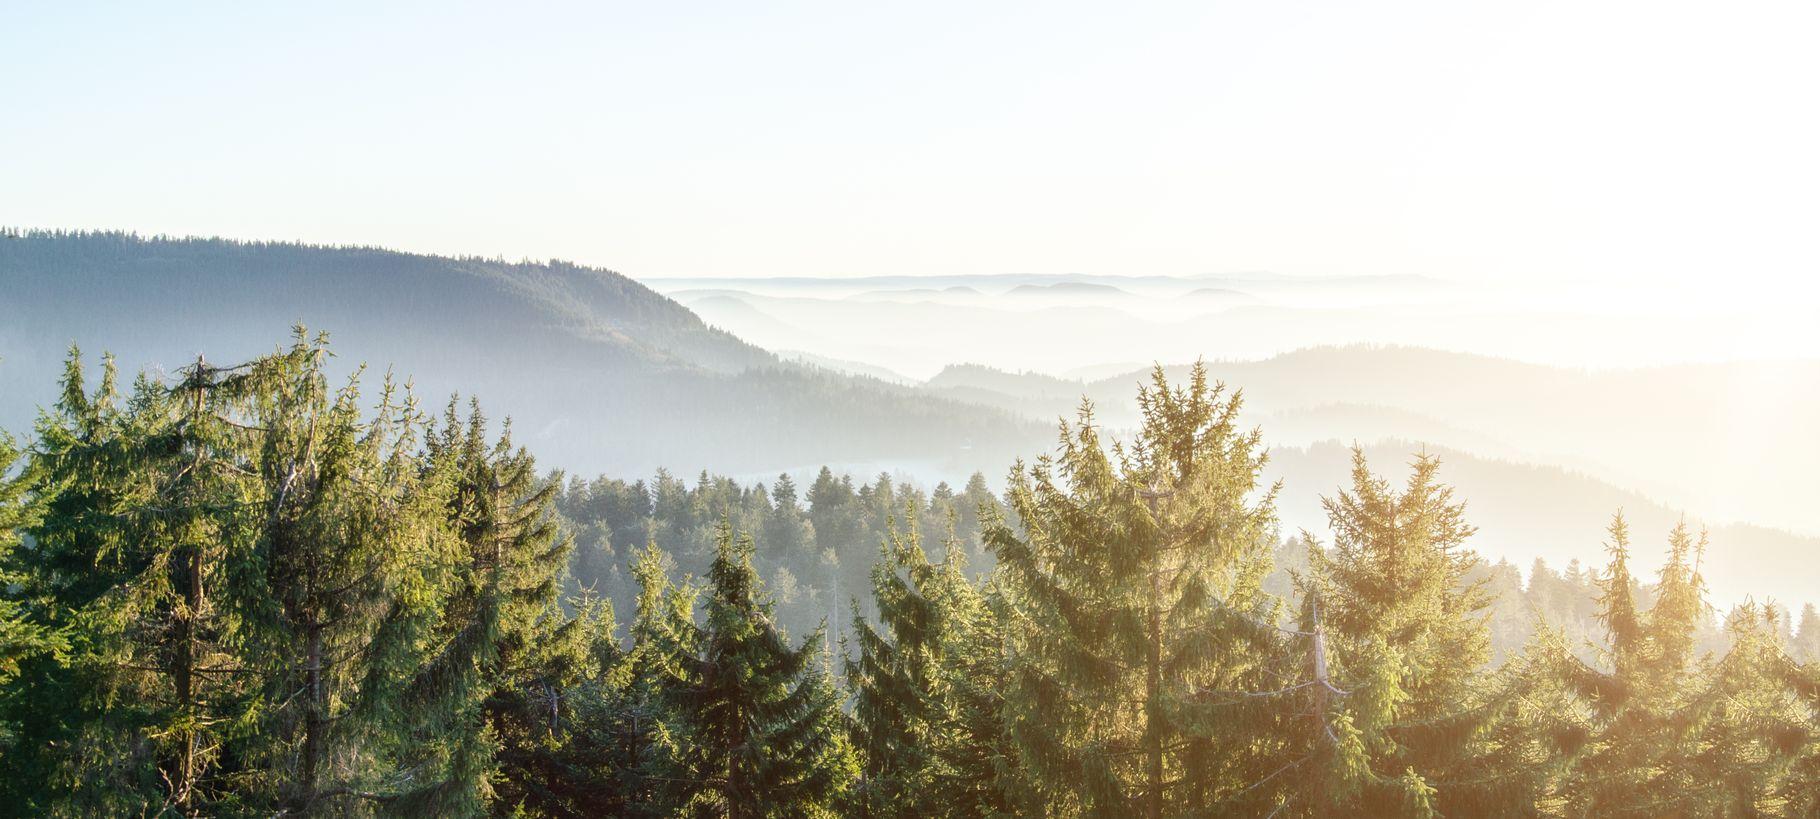 Von Wäldern und Bäumen – Internationaler Tag des Baumes